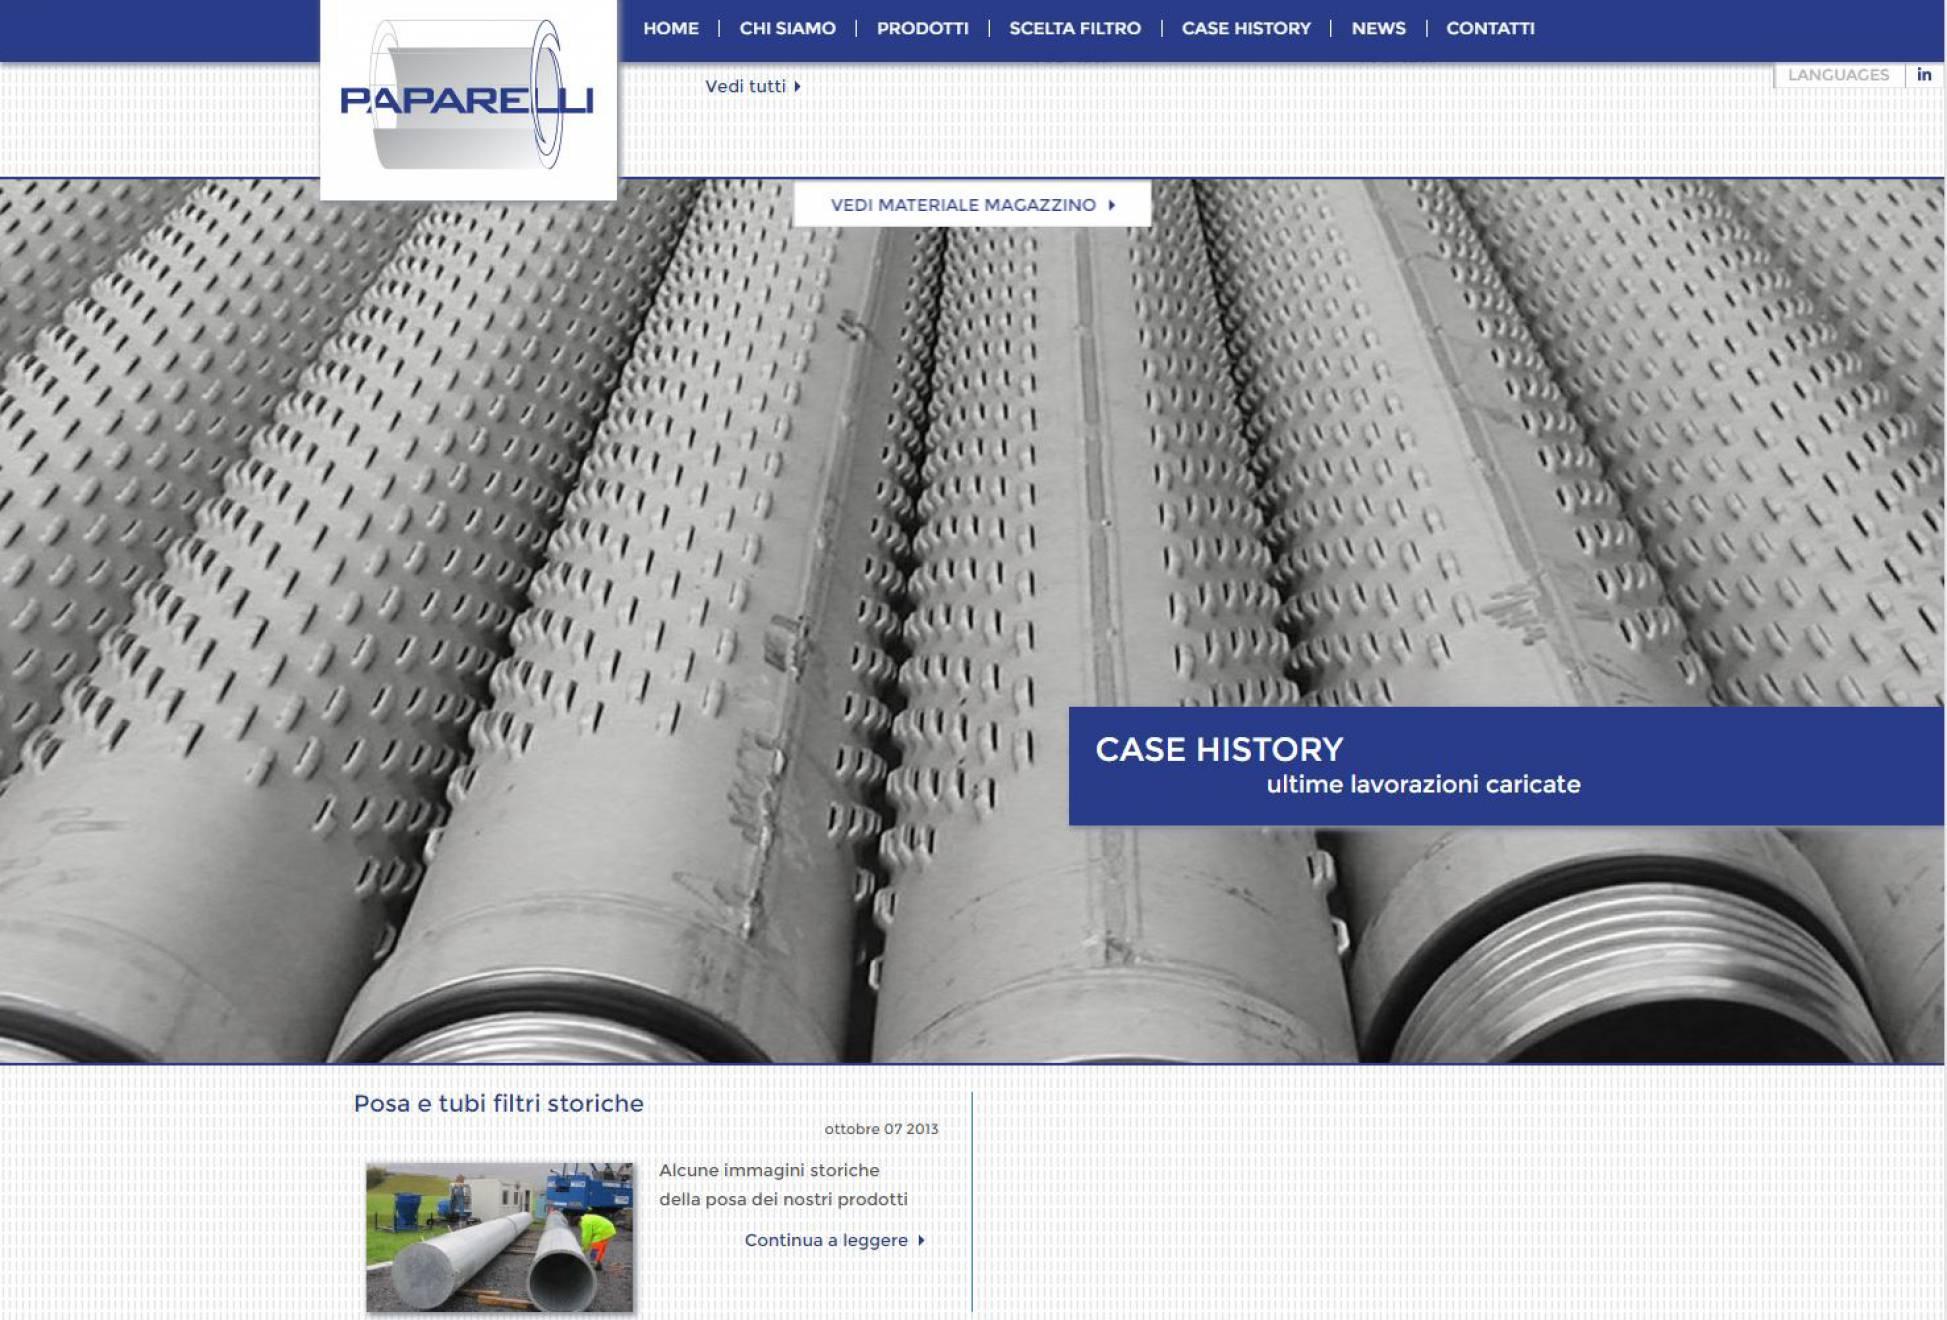 Realizzazione sito internet responsive Paparelli NewVisibility